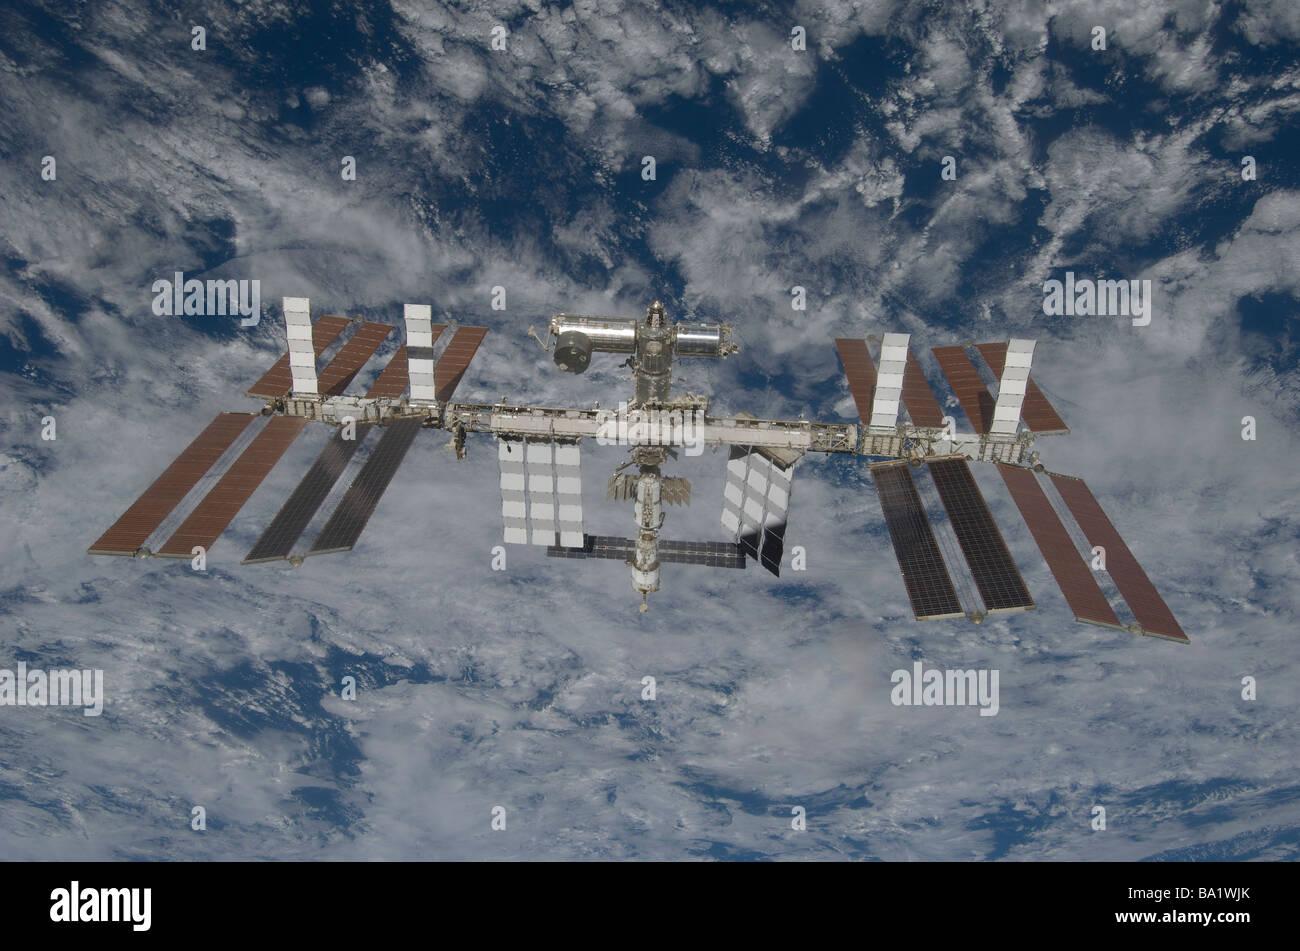 25 mars 2009 - La Station spatiale internationale, par un backdropped terre bleu et blanc. Photo Stock